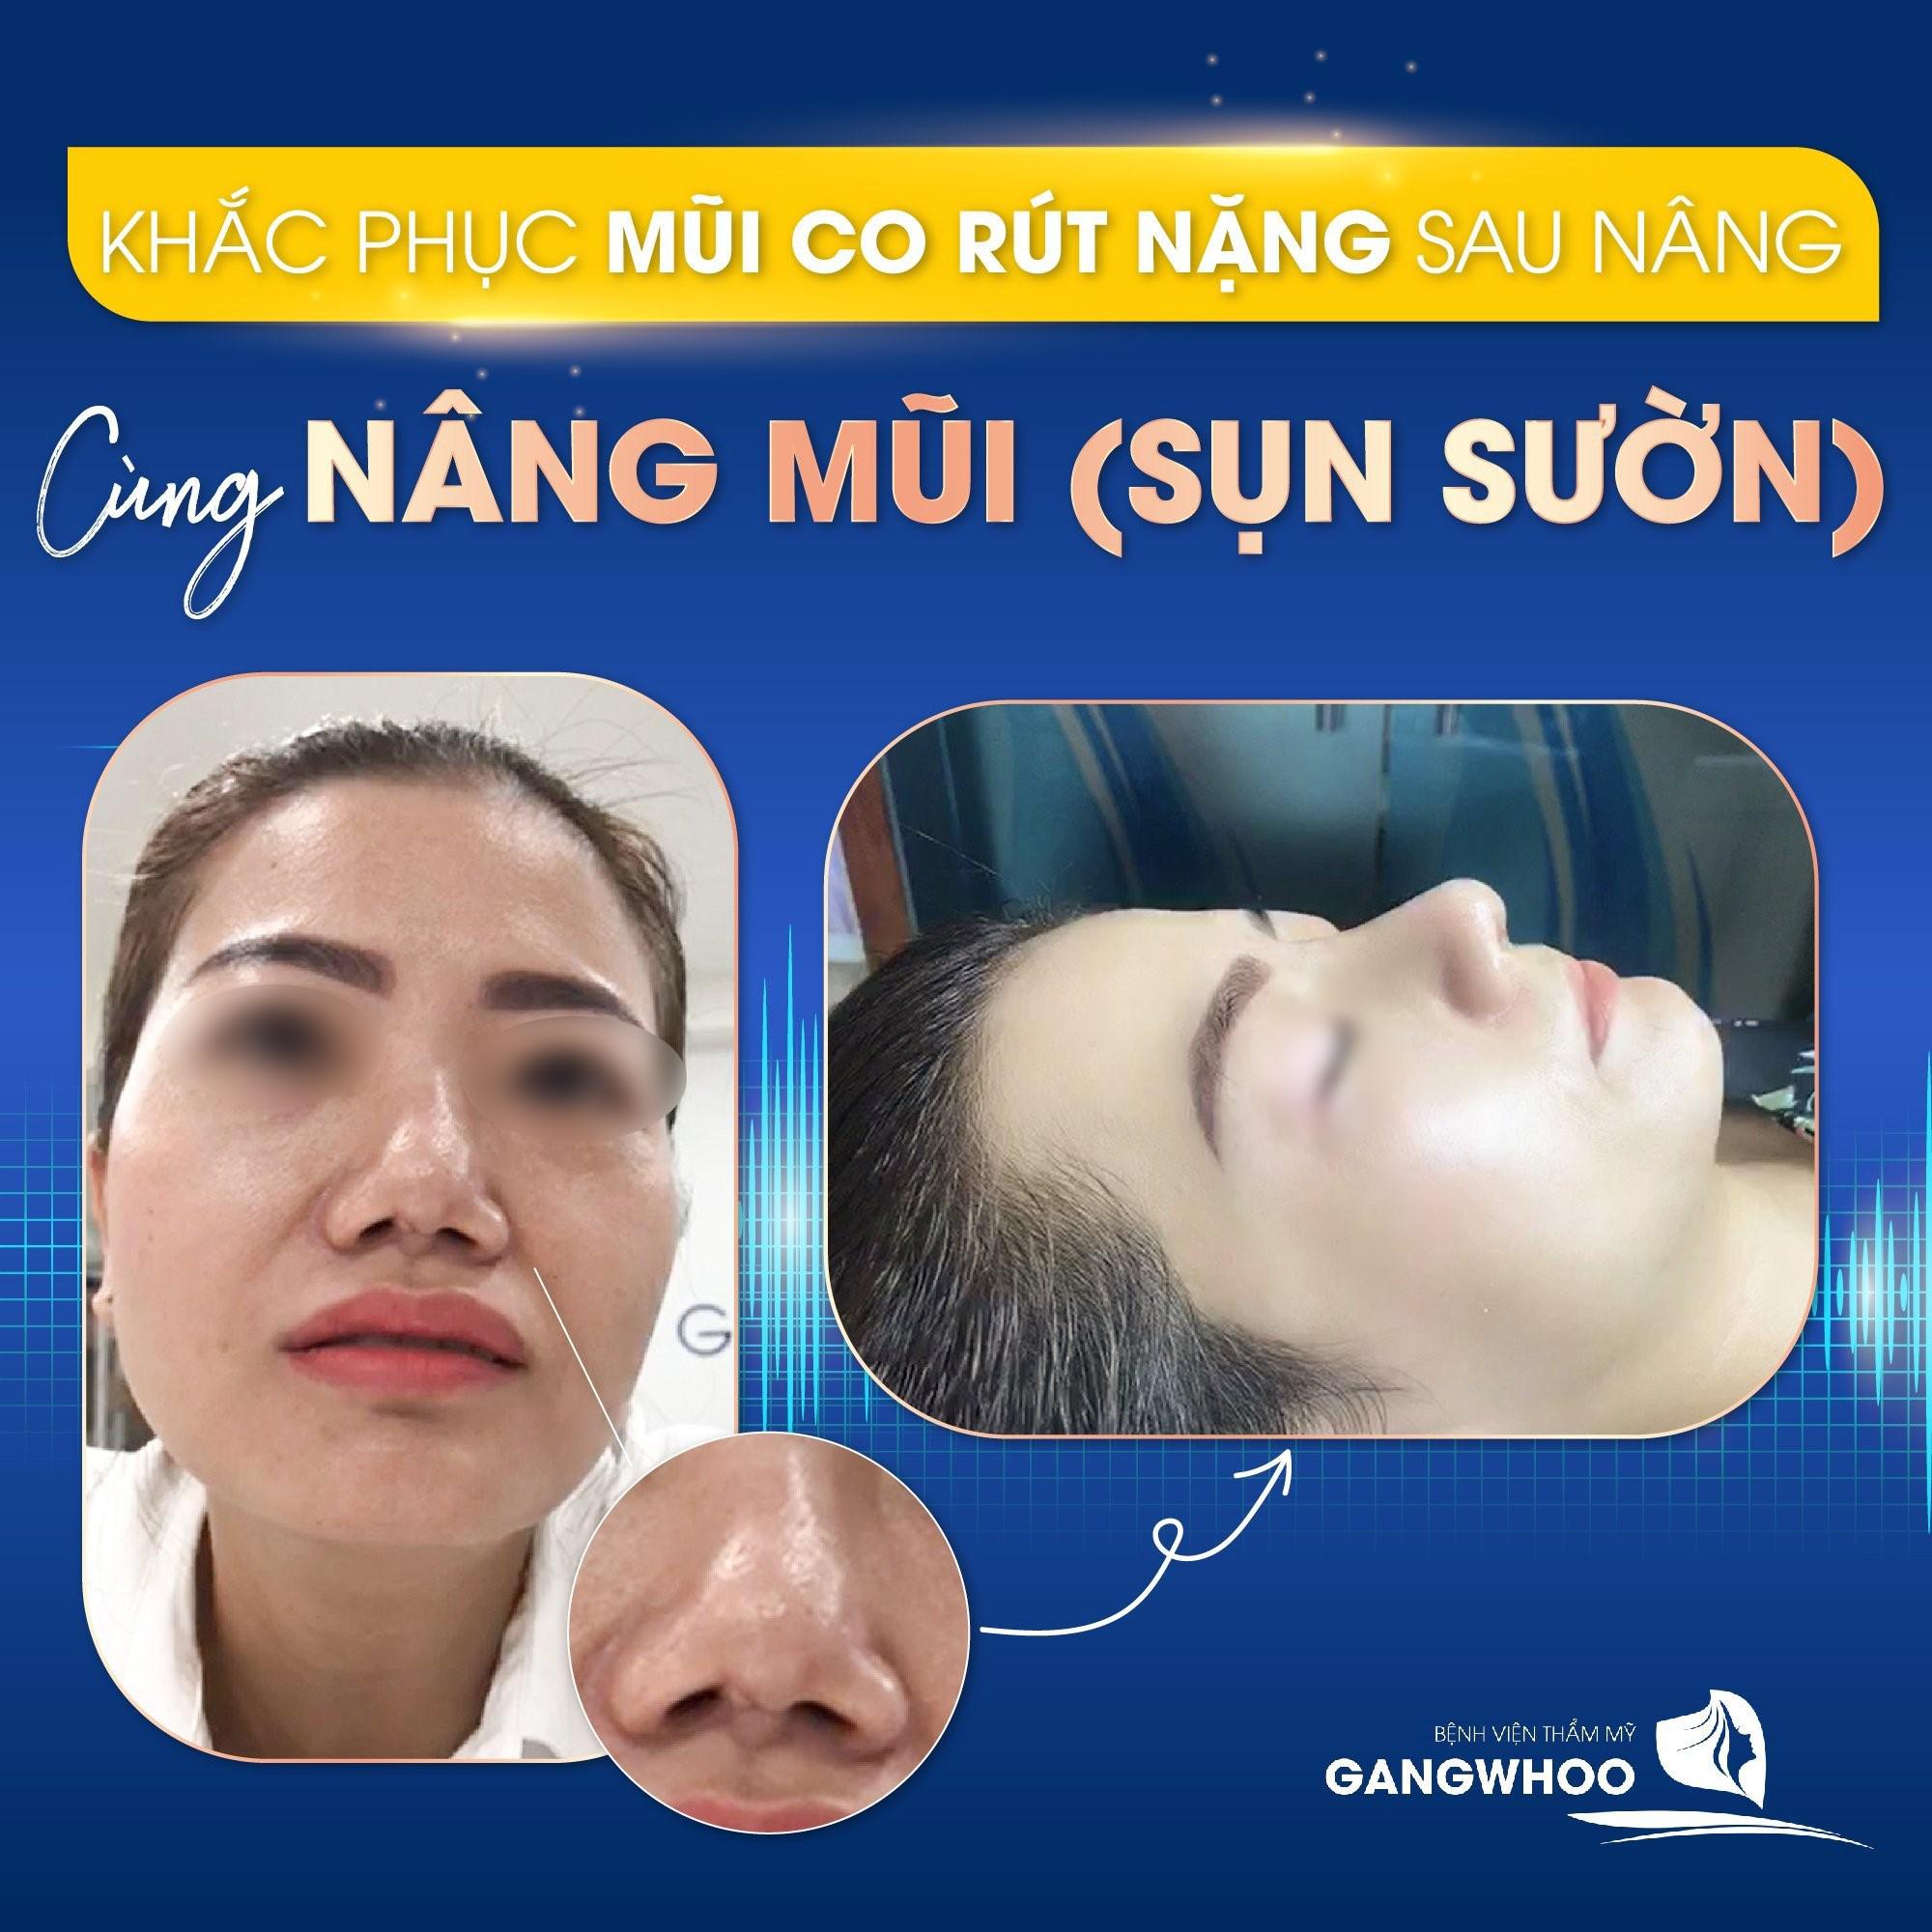 Khắc phục mũi co rút nặng sau nâng - Ảnh: Gangwhoo